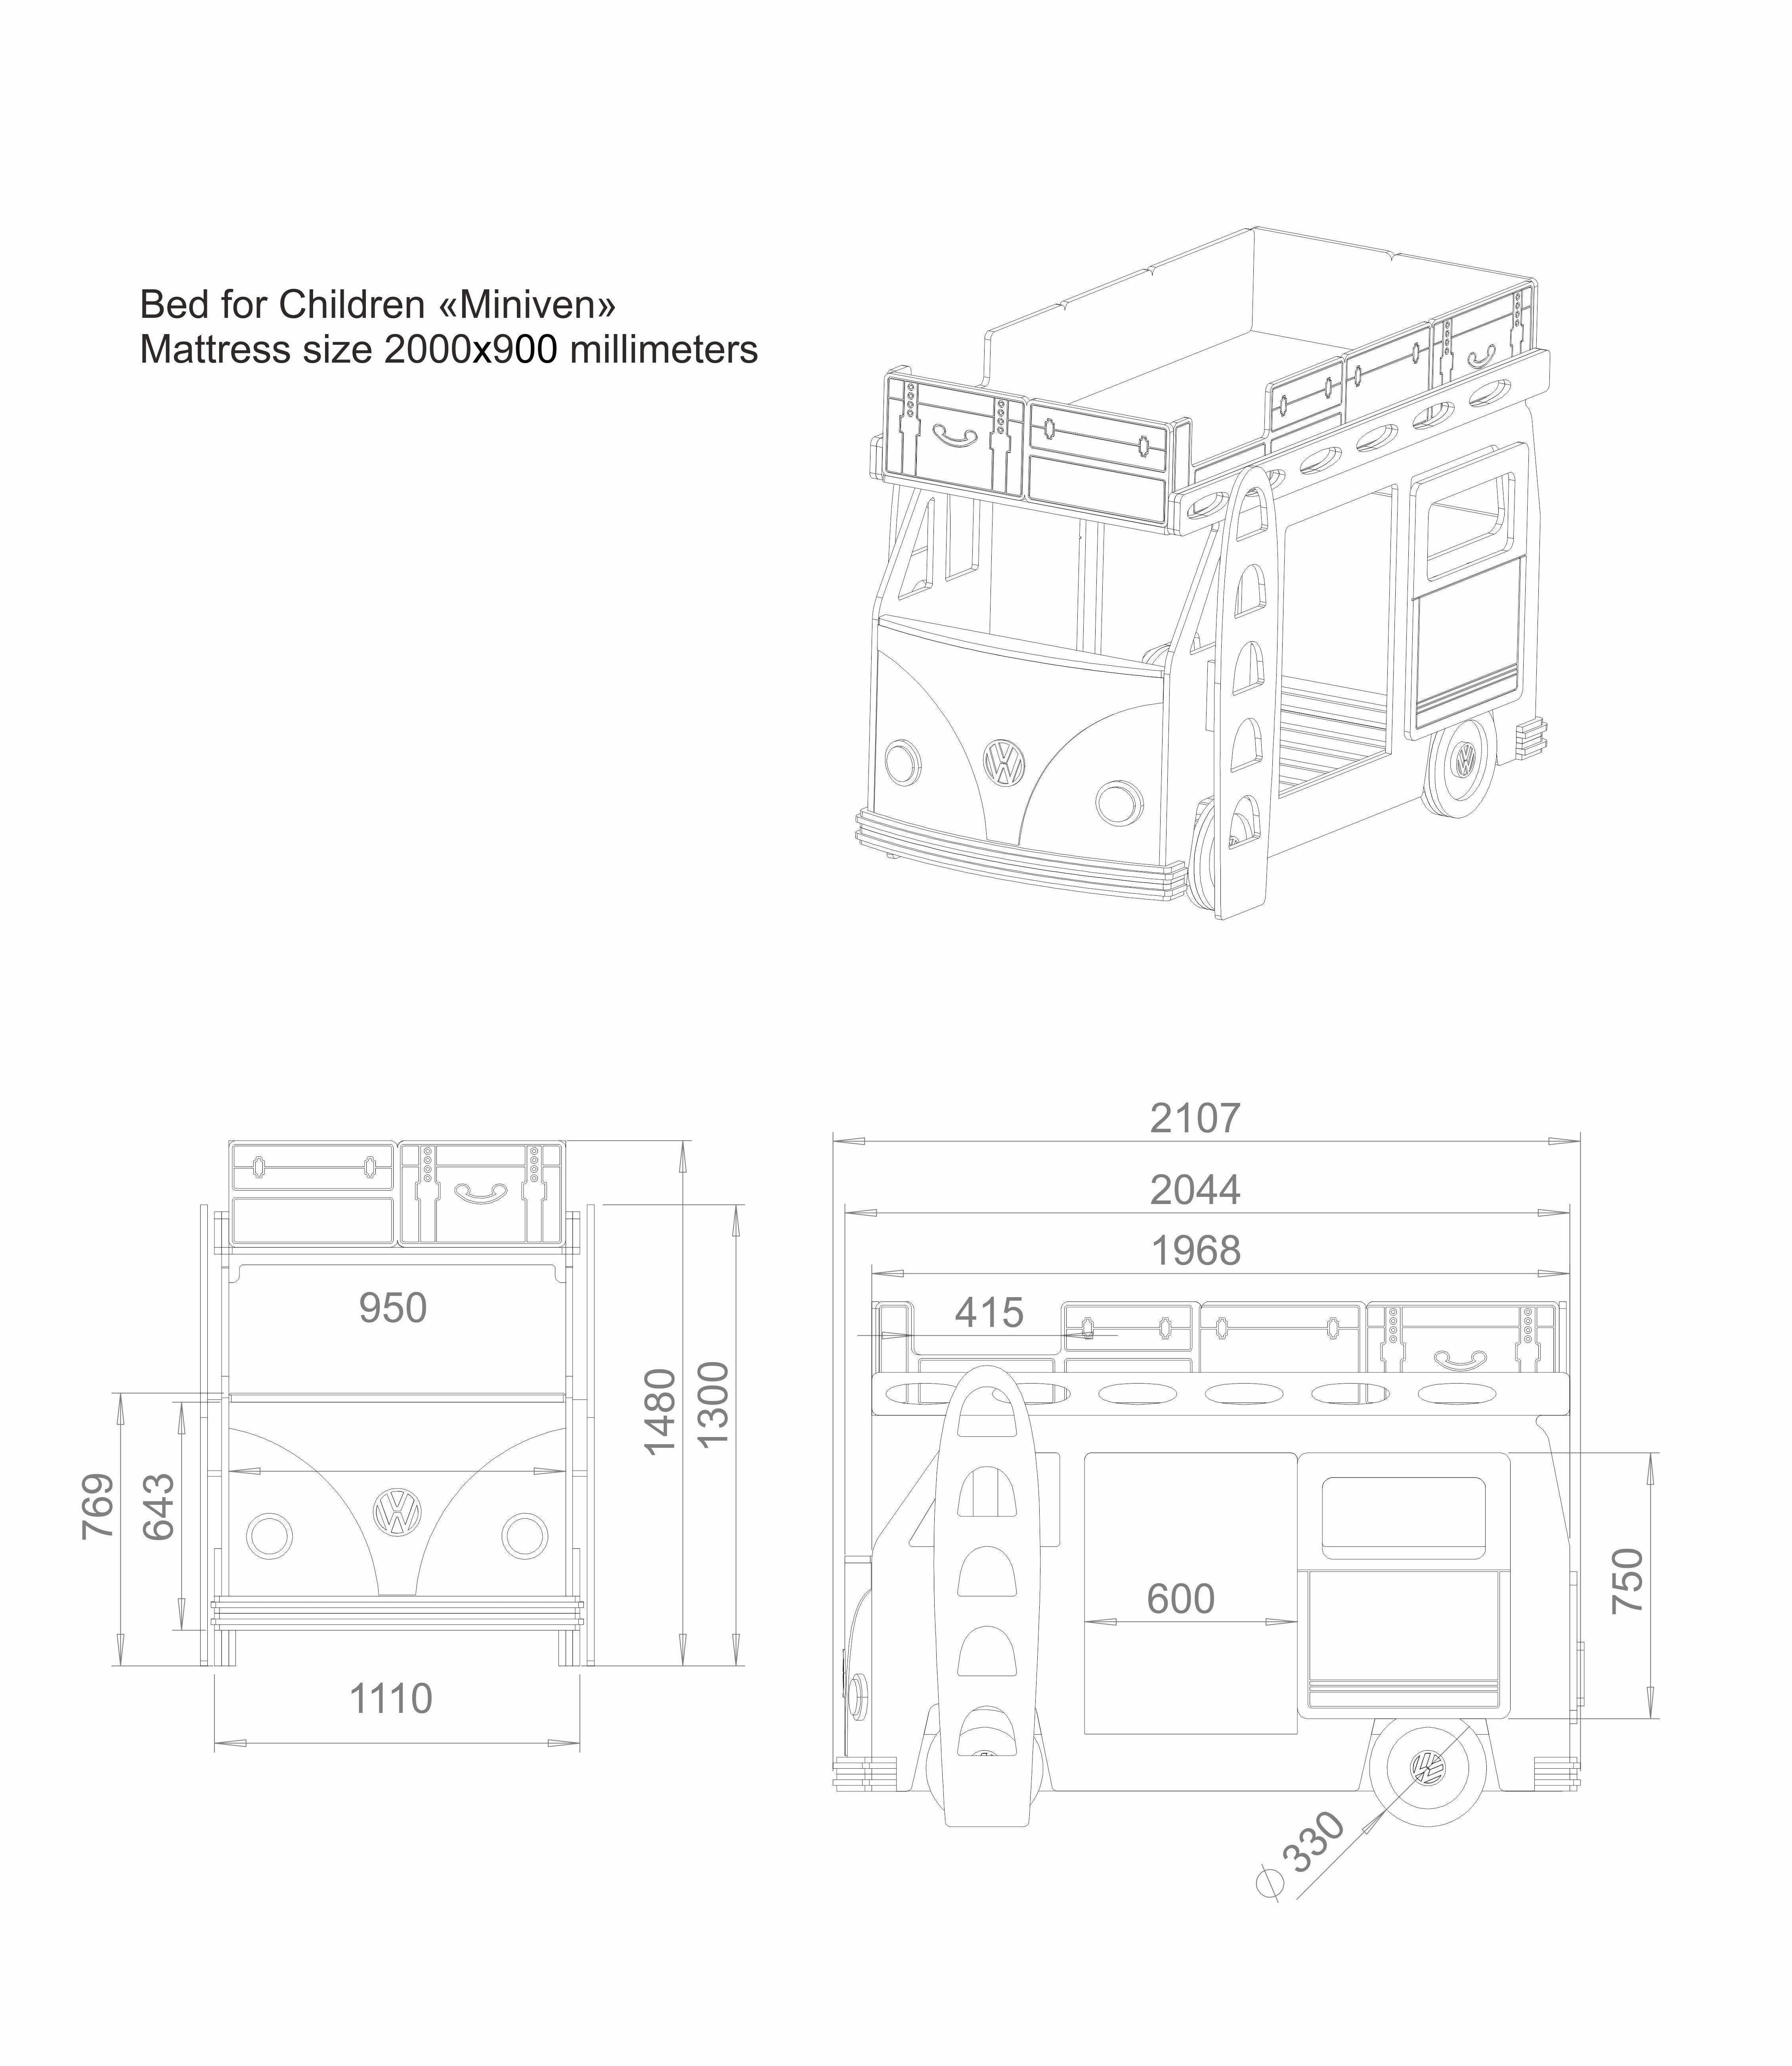 minivan volkswagen 3d cgtrader VW Minivan Diesel minivan volkswagen 3d model max sldprt sldasm slddrw pdf 3